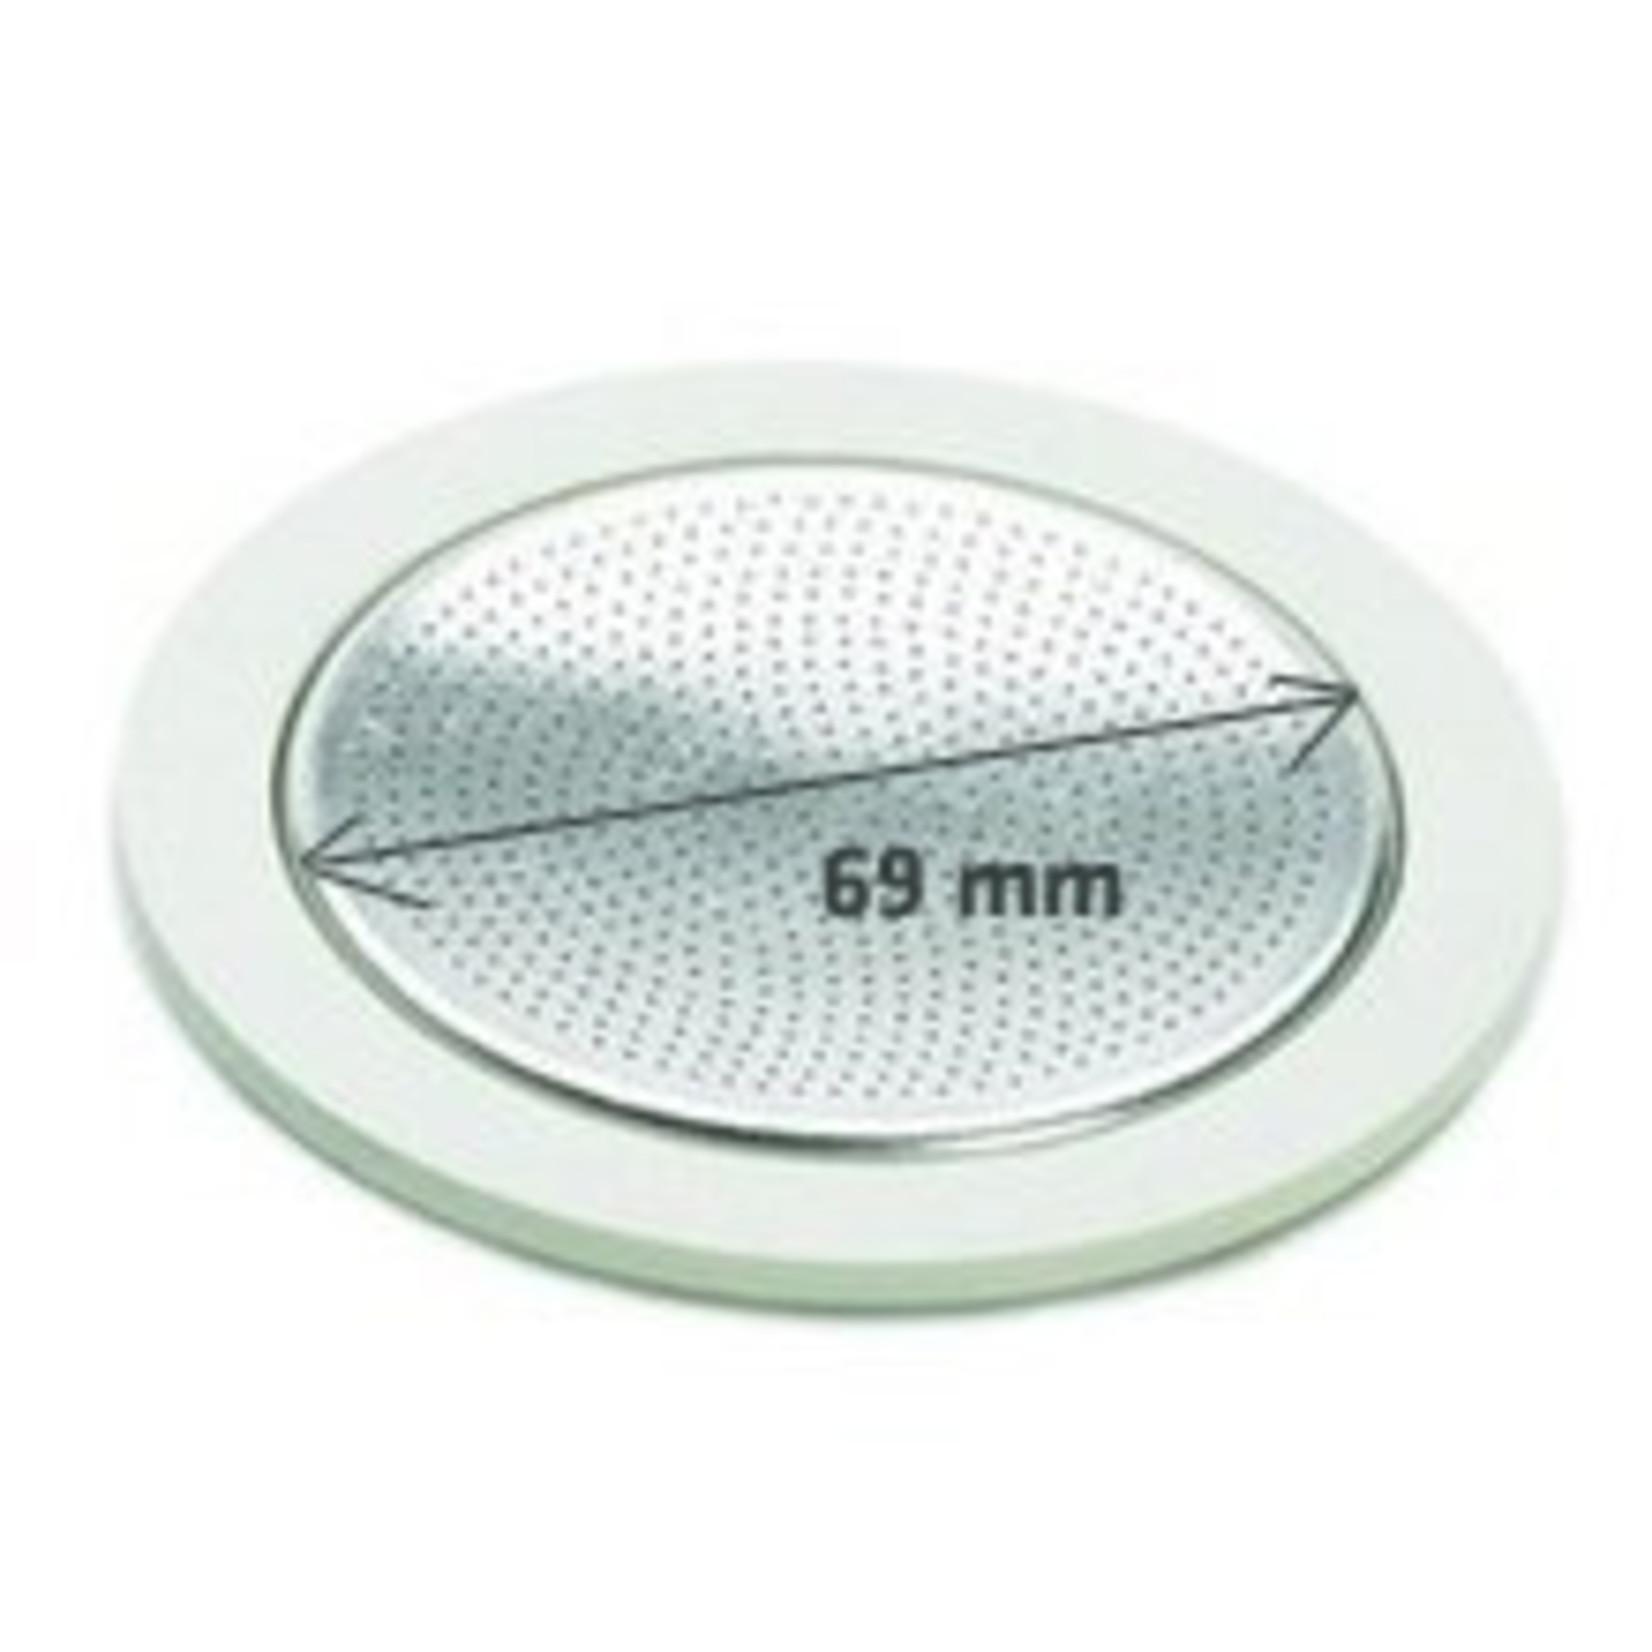 Bialetti Bialetti filterplaatje met rubberen ringen 10 kops RVS